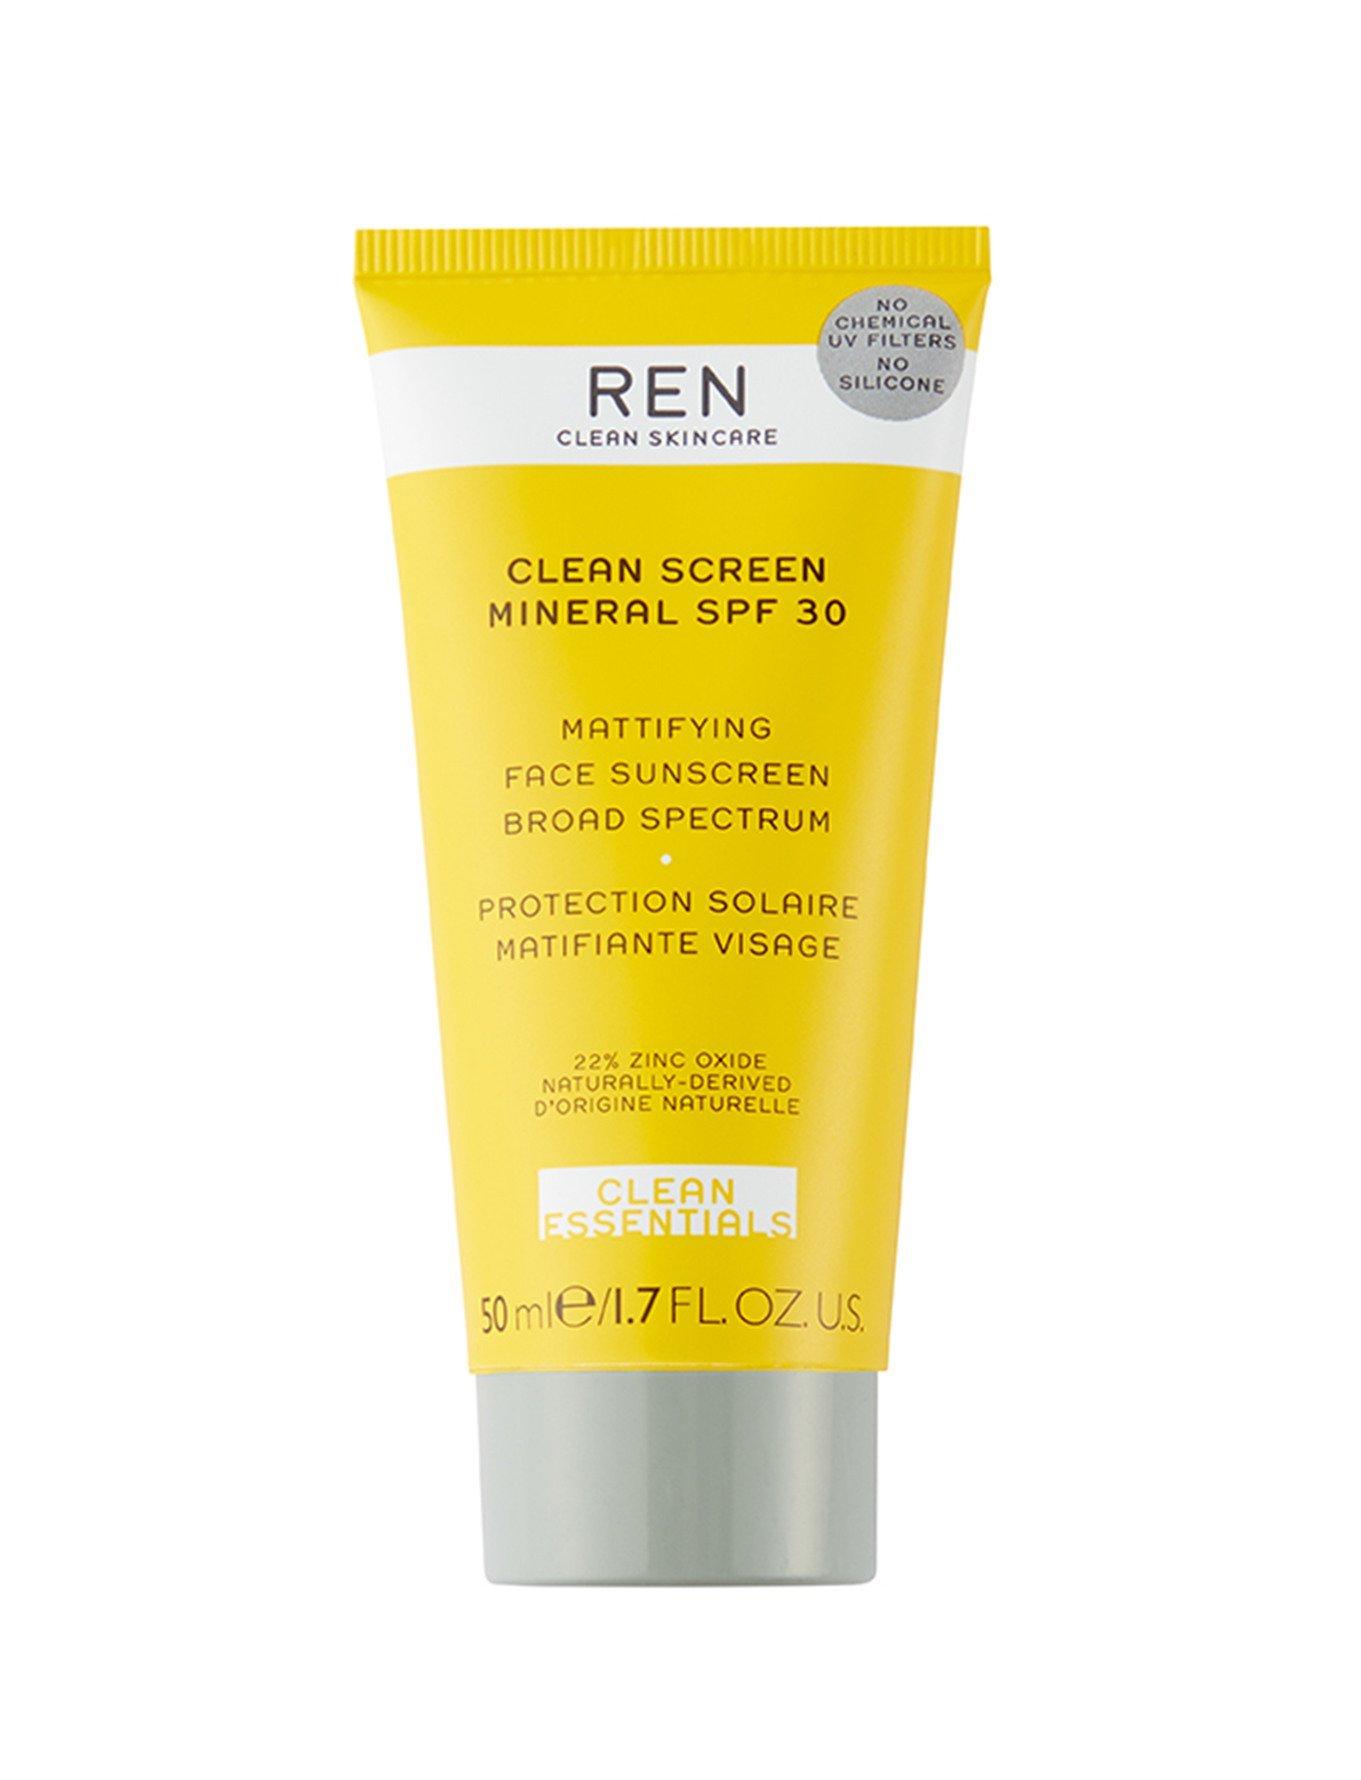 REN - Clean Screen Mineral Mattifying Sunscreen SPF30 50 ml